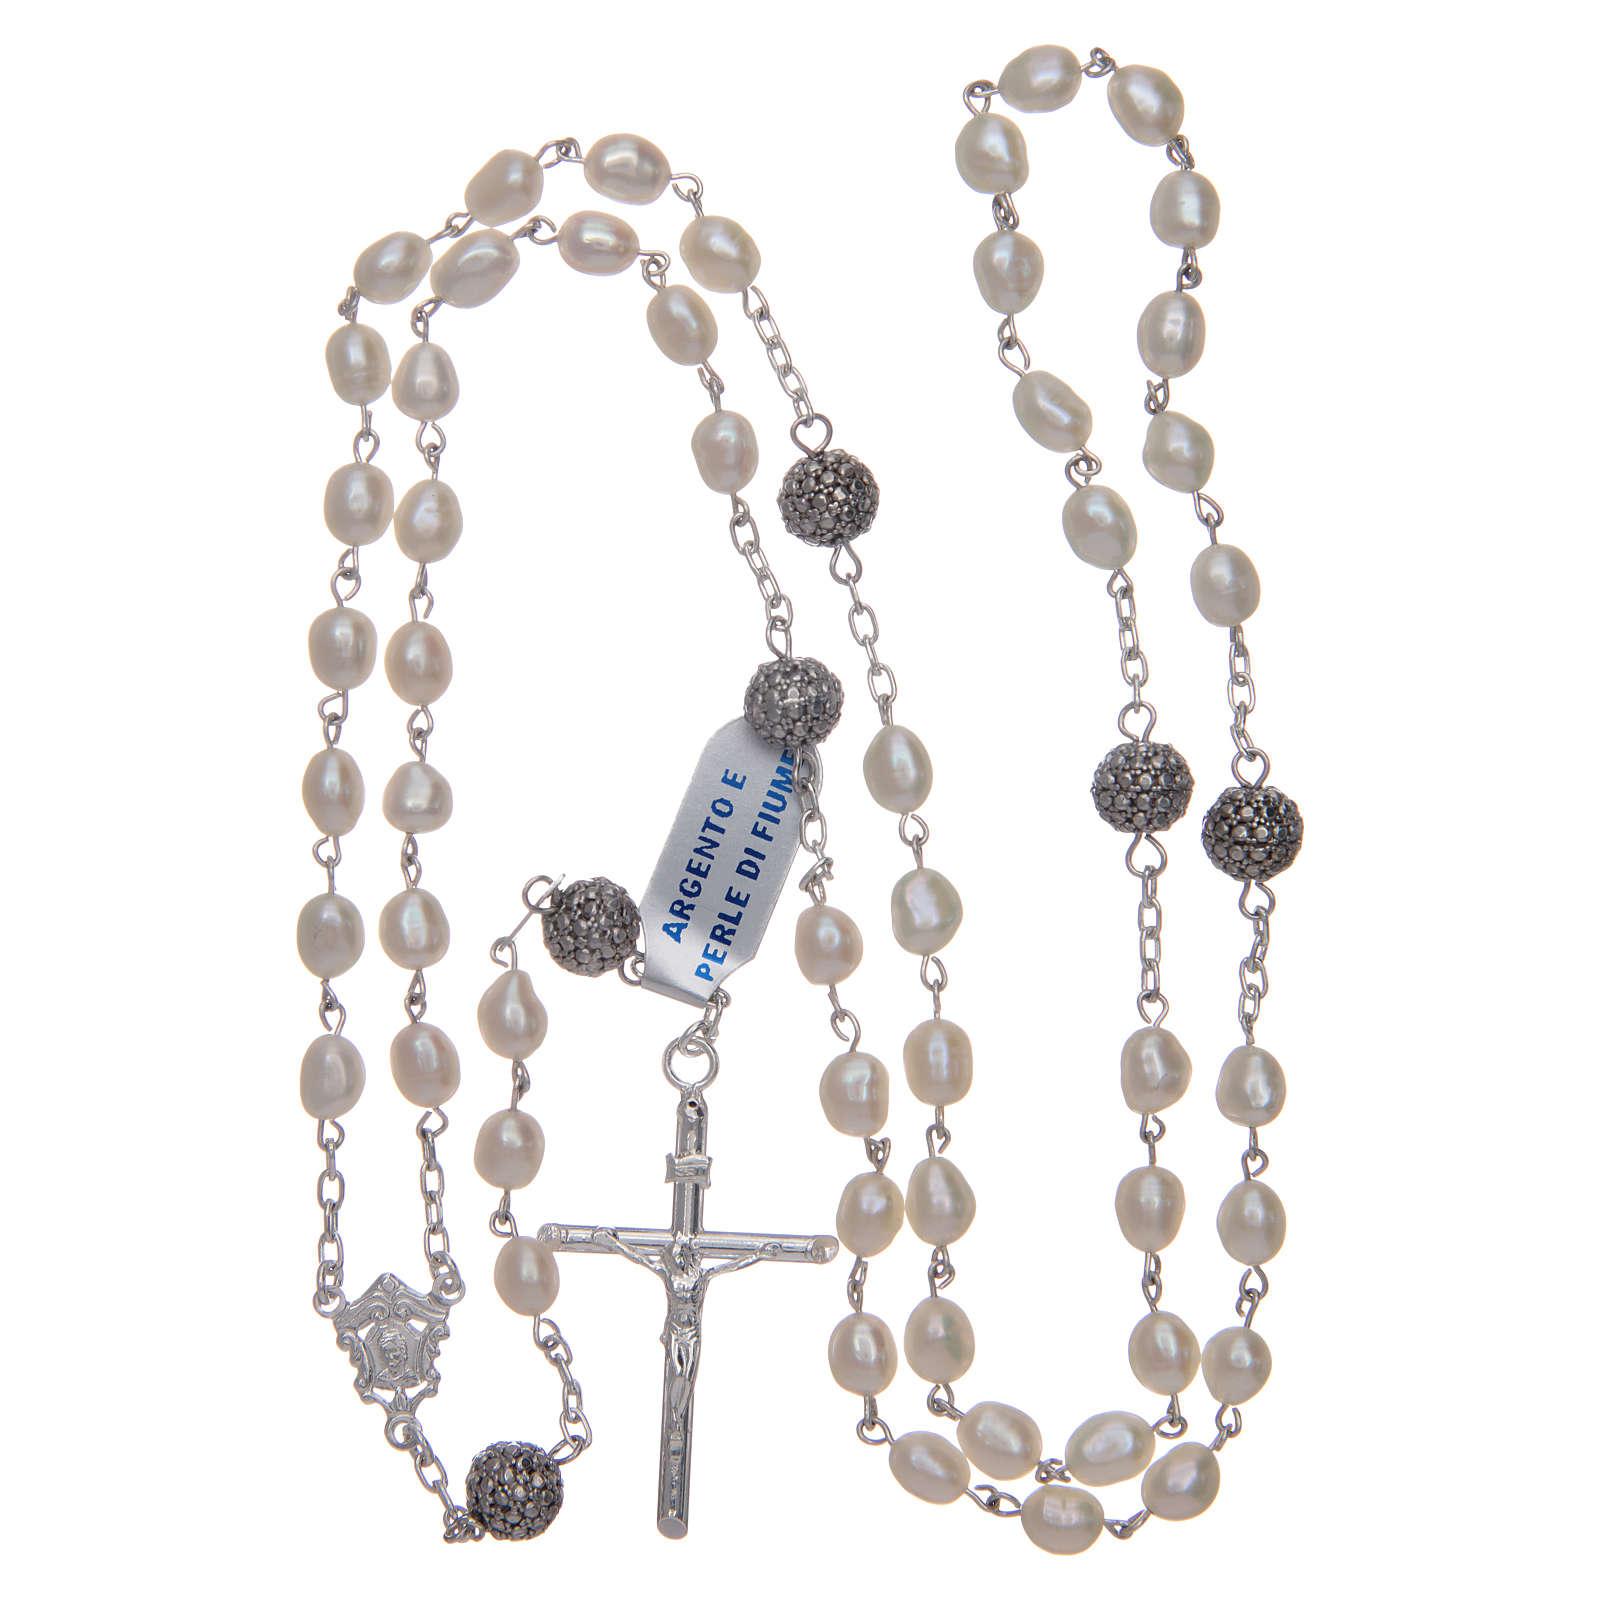 Rosario de plata 925 y perlas de río ovaladas color blanco 4